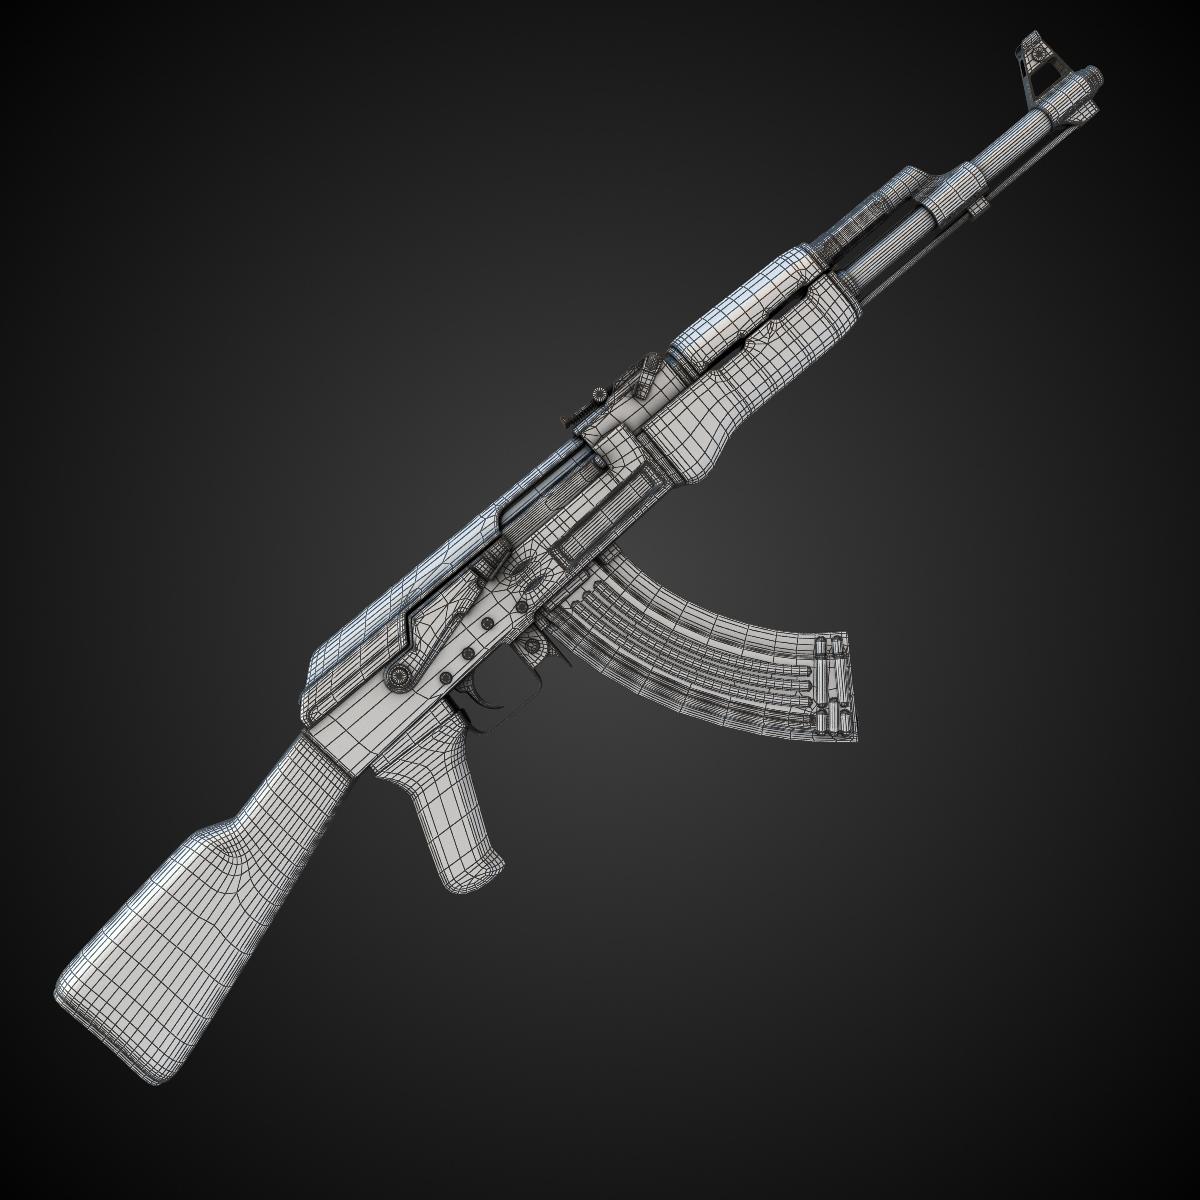 3d Gun Image 3d Home Architect: AK47 Assault Rifle Hi-Res 3D Model MAX OBJ FBX LWO LW LWS